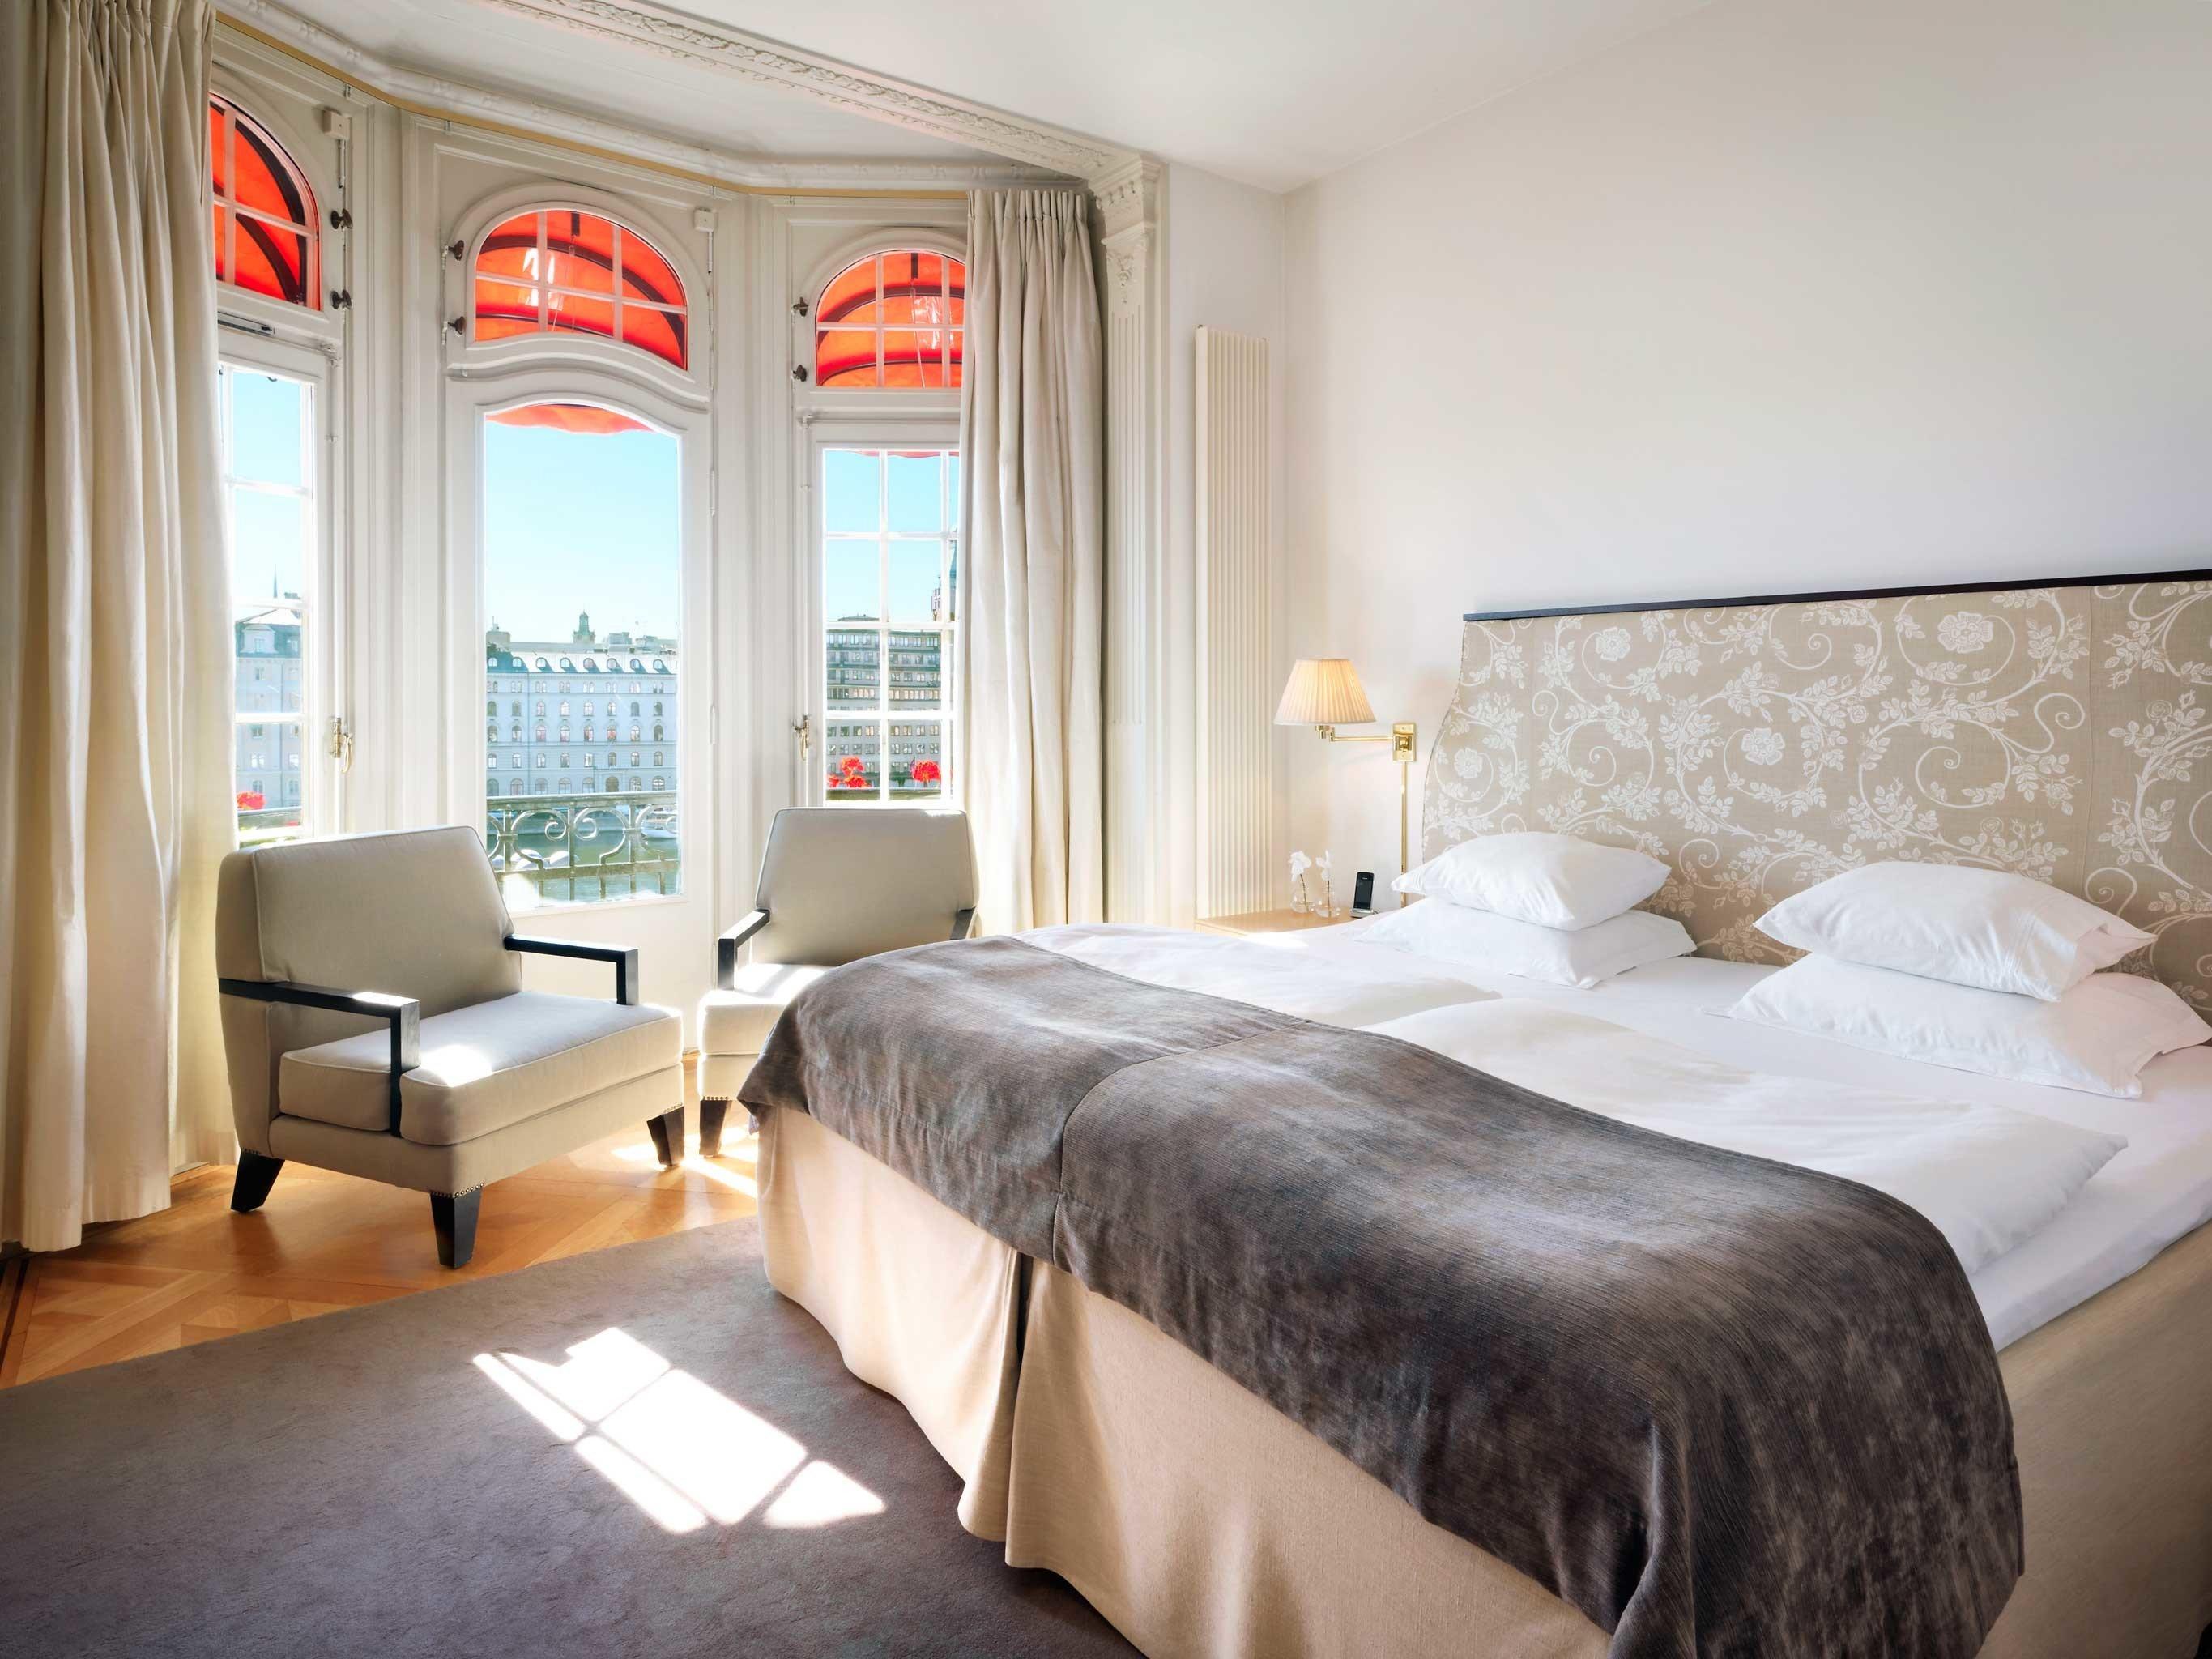 Bedroom Elegant Hip Hotels Modern Scenic views Stockholm Sweden property scene Suite home cottage